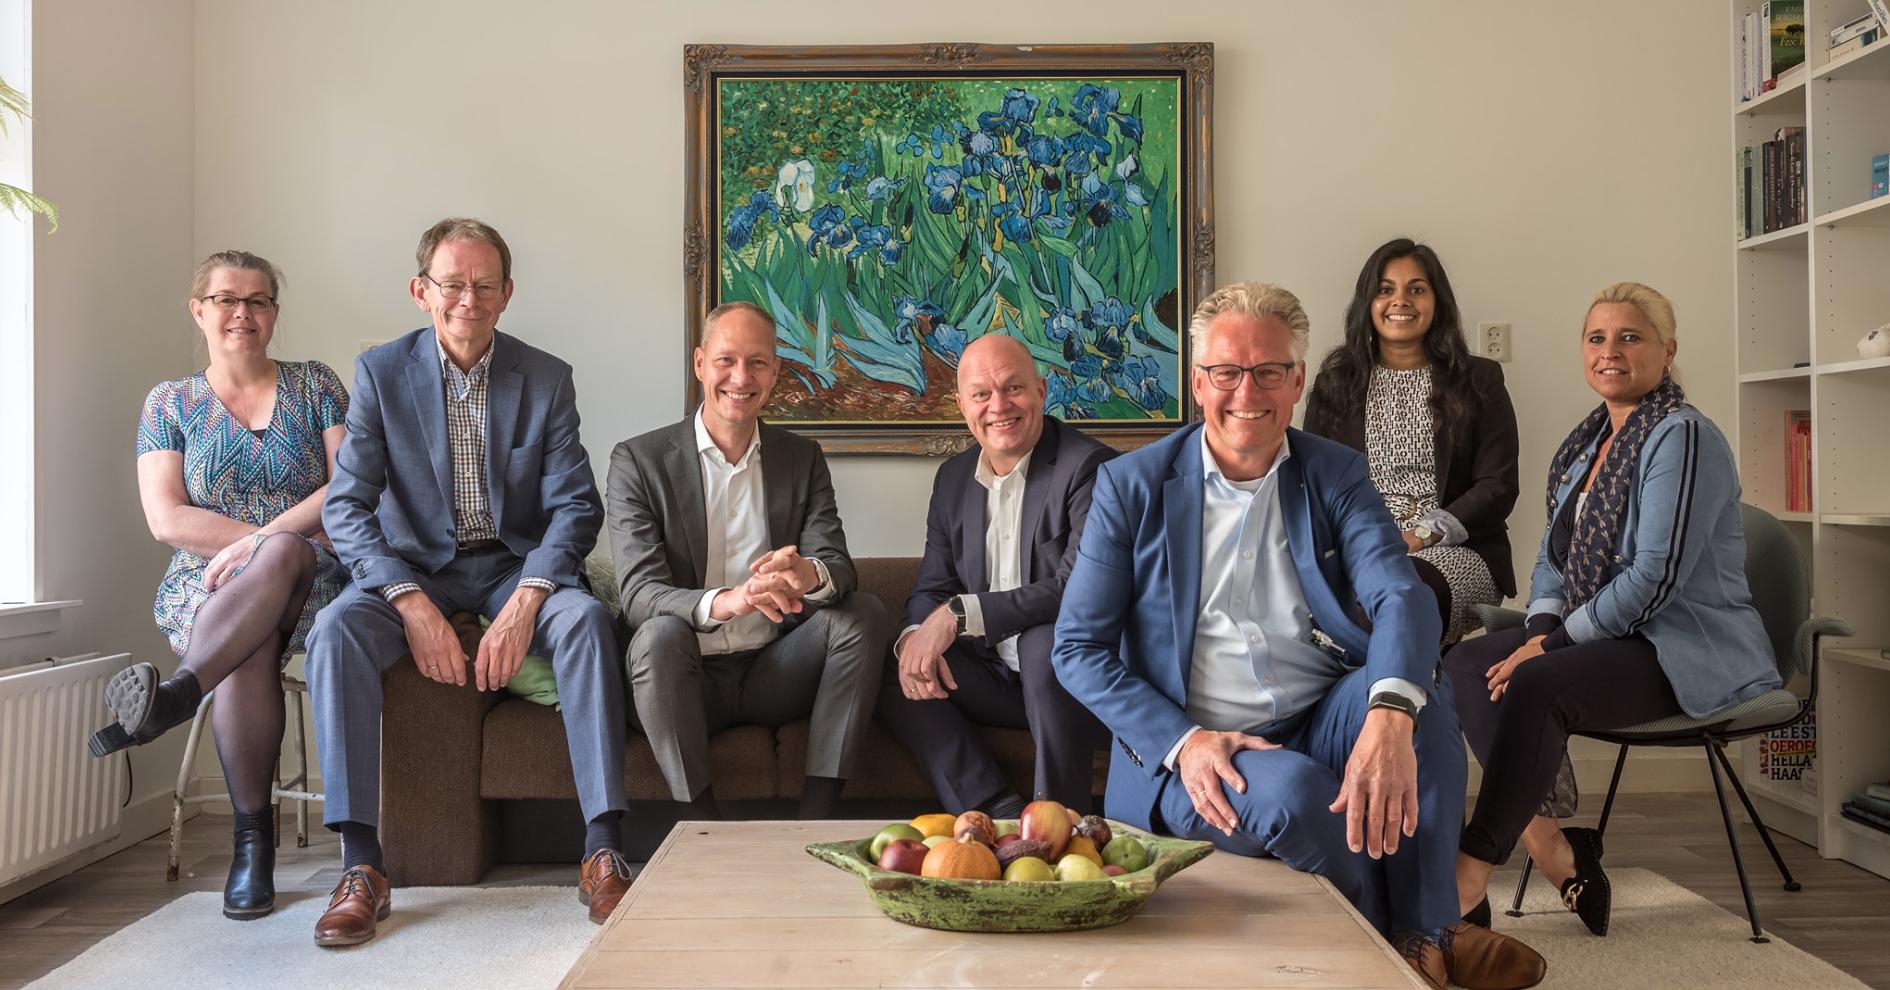 Mennes voor Wonen Groningen teamfoto